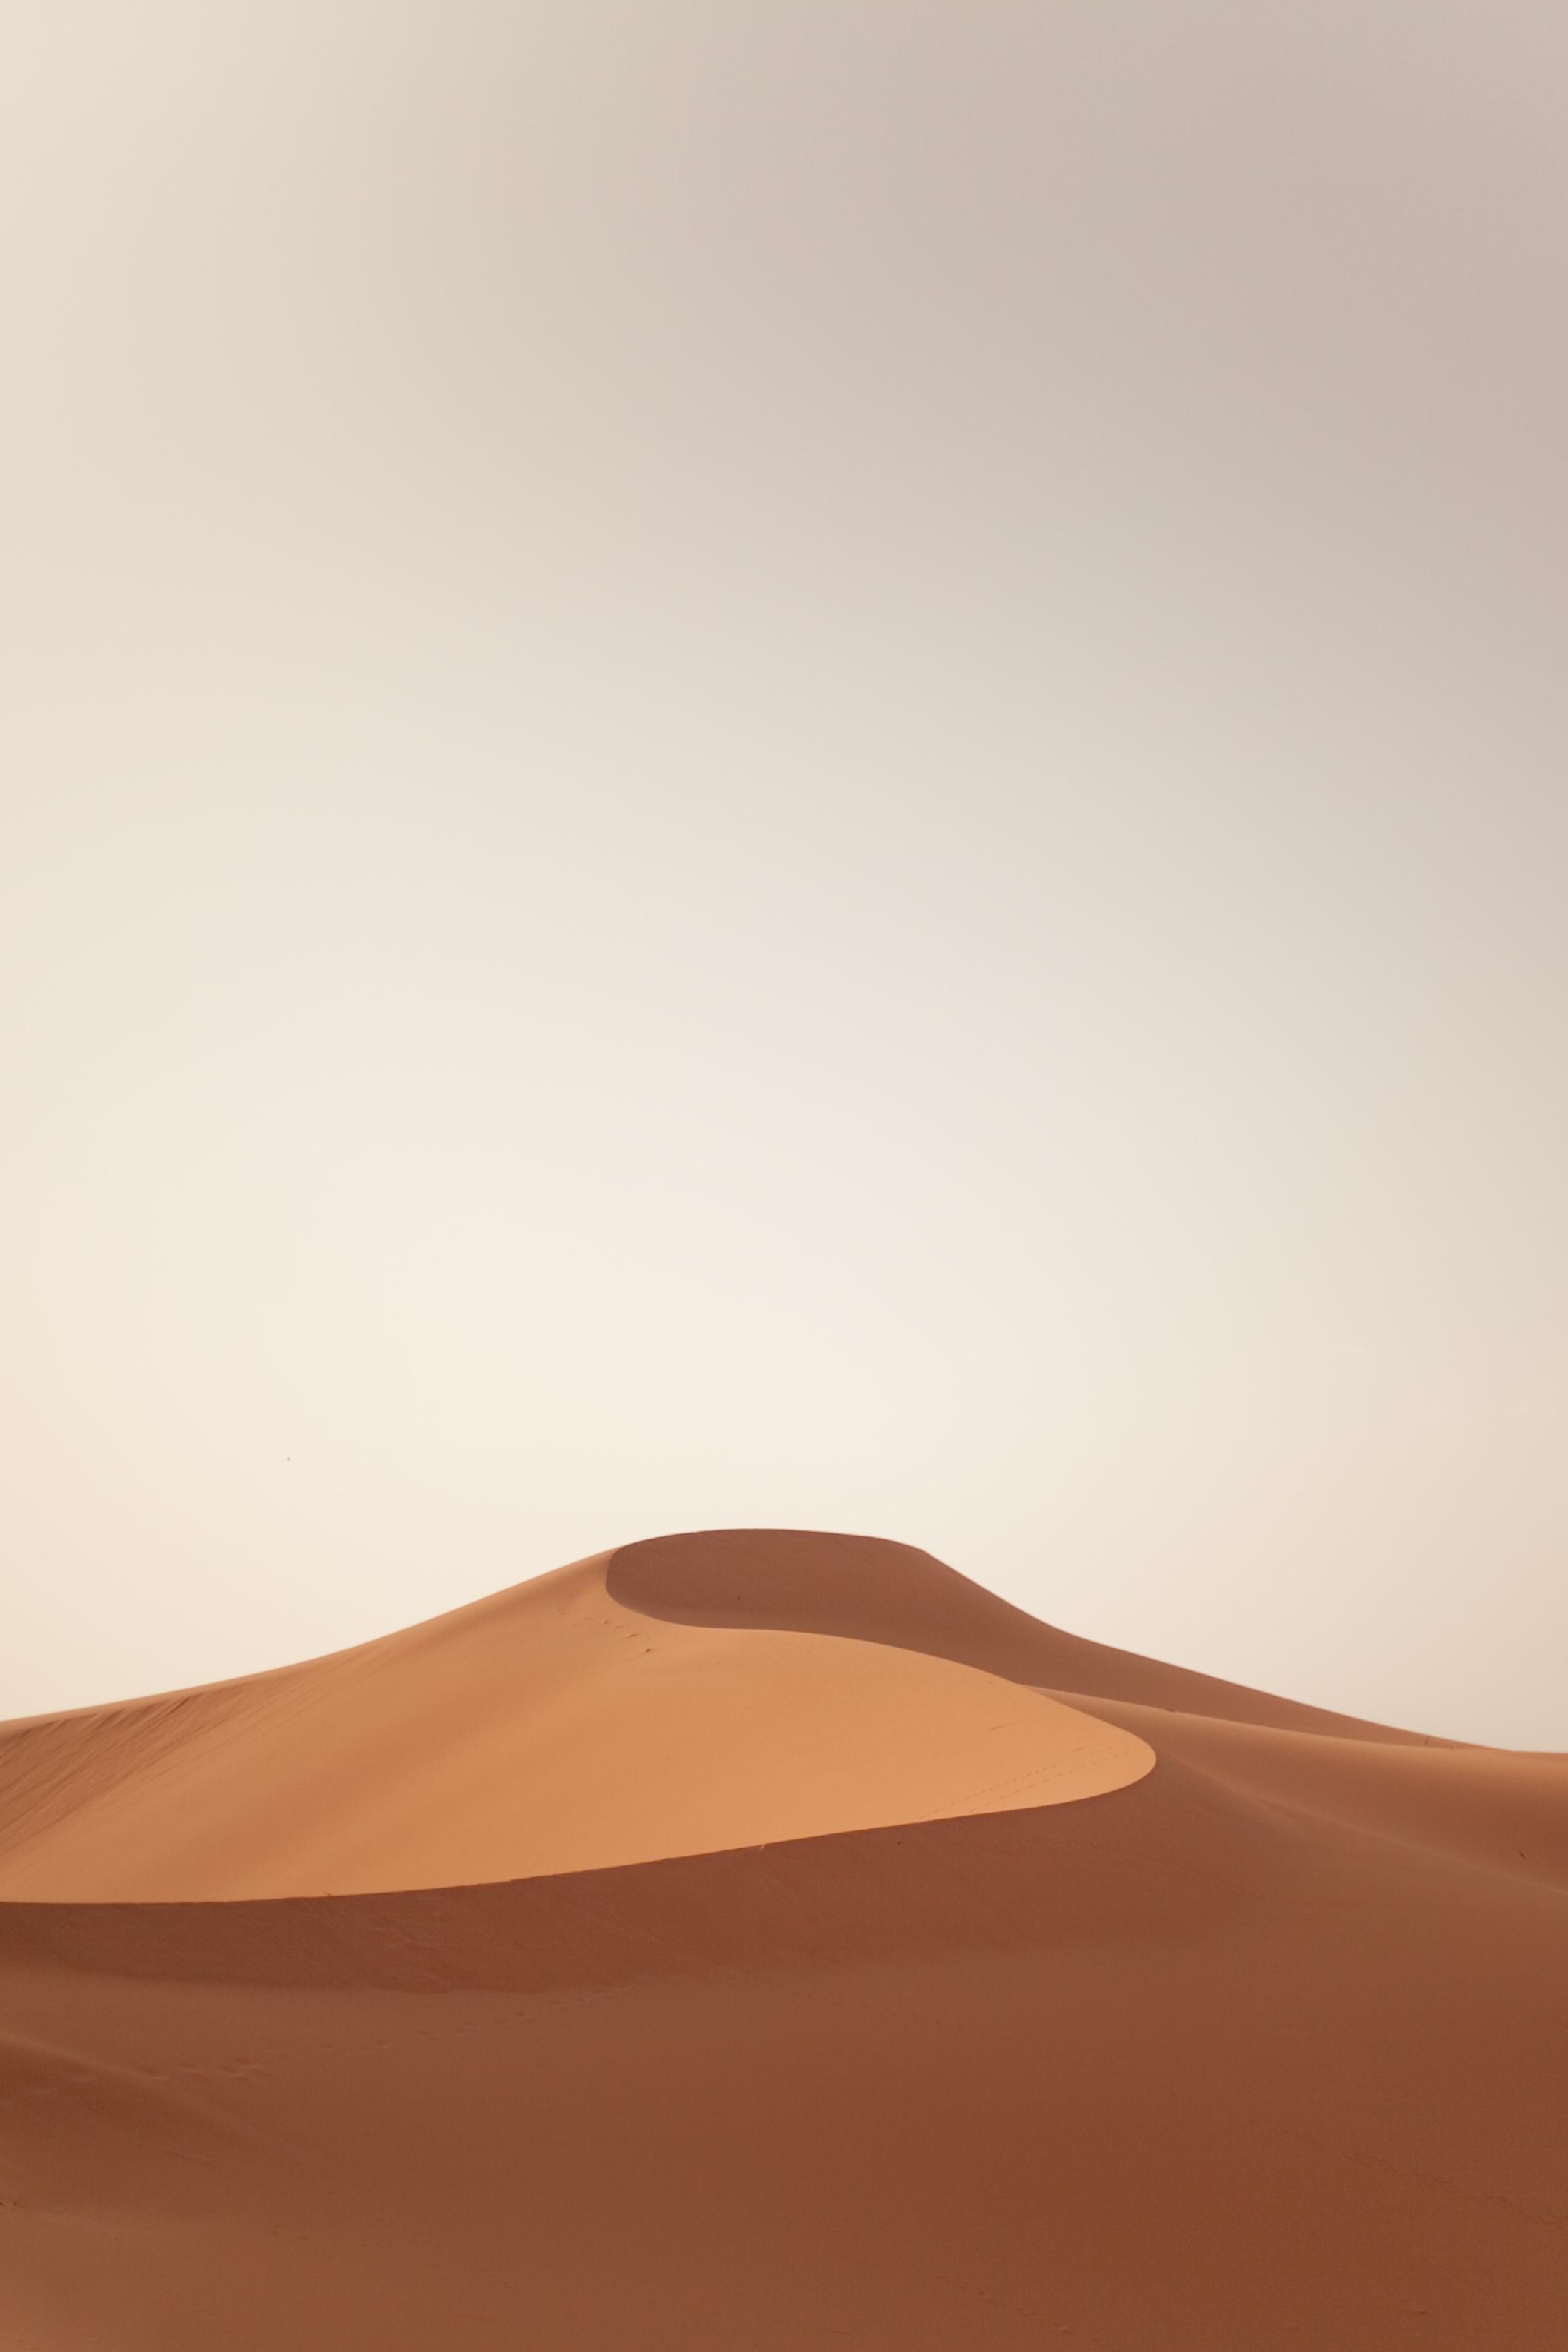 Sahara, by Tiago Ribeiro